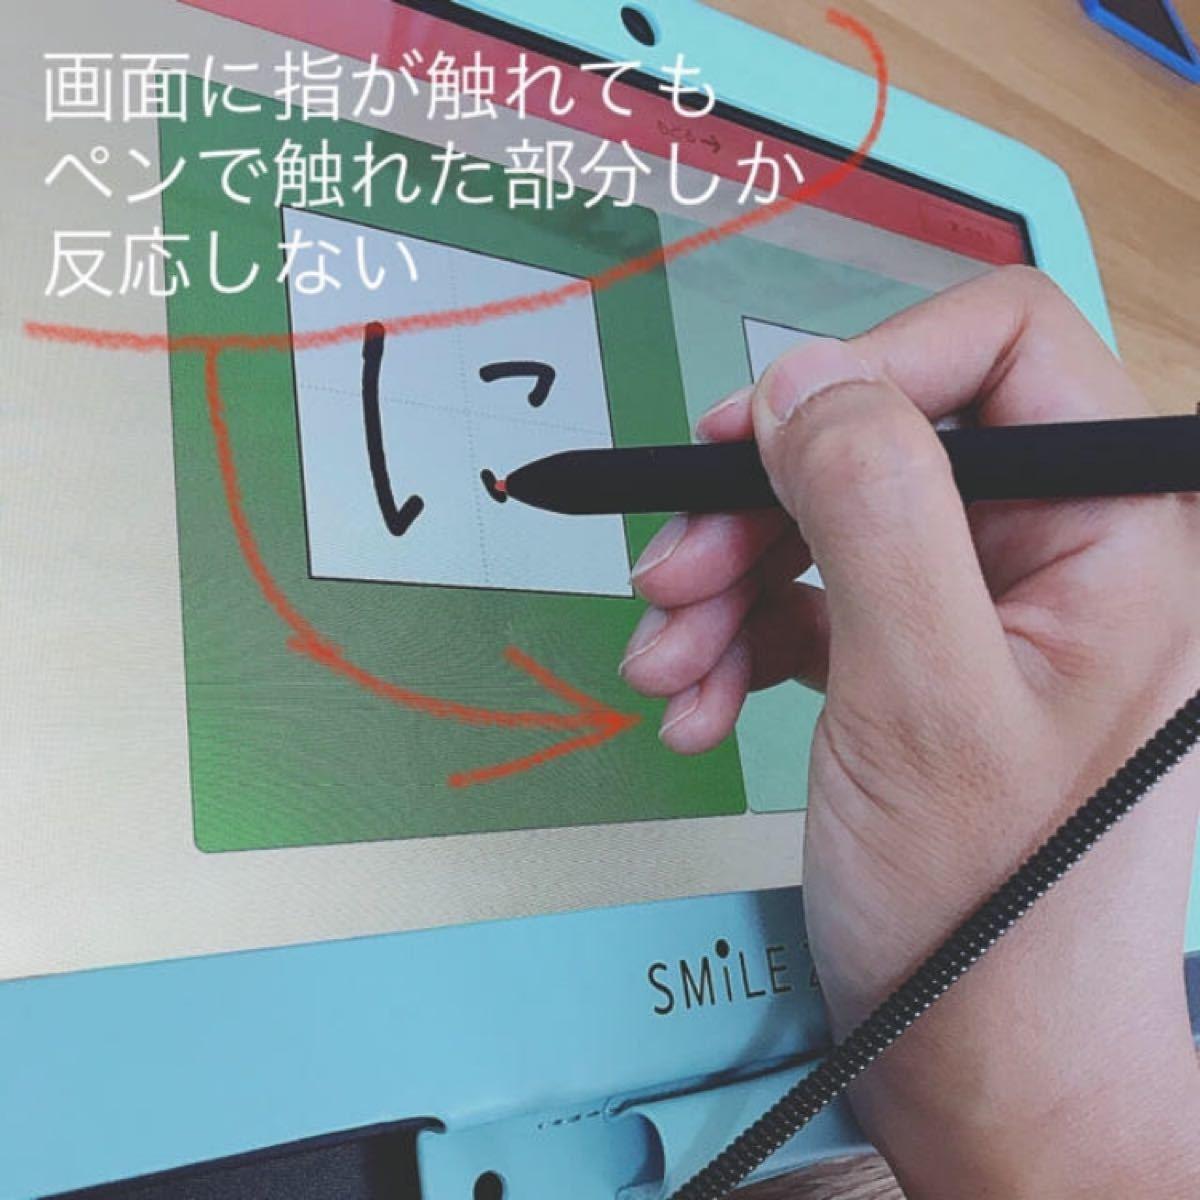 反応 スマイル ゼミ しない ペン